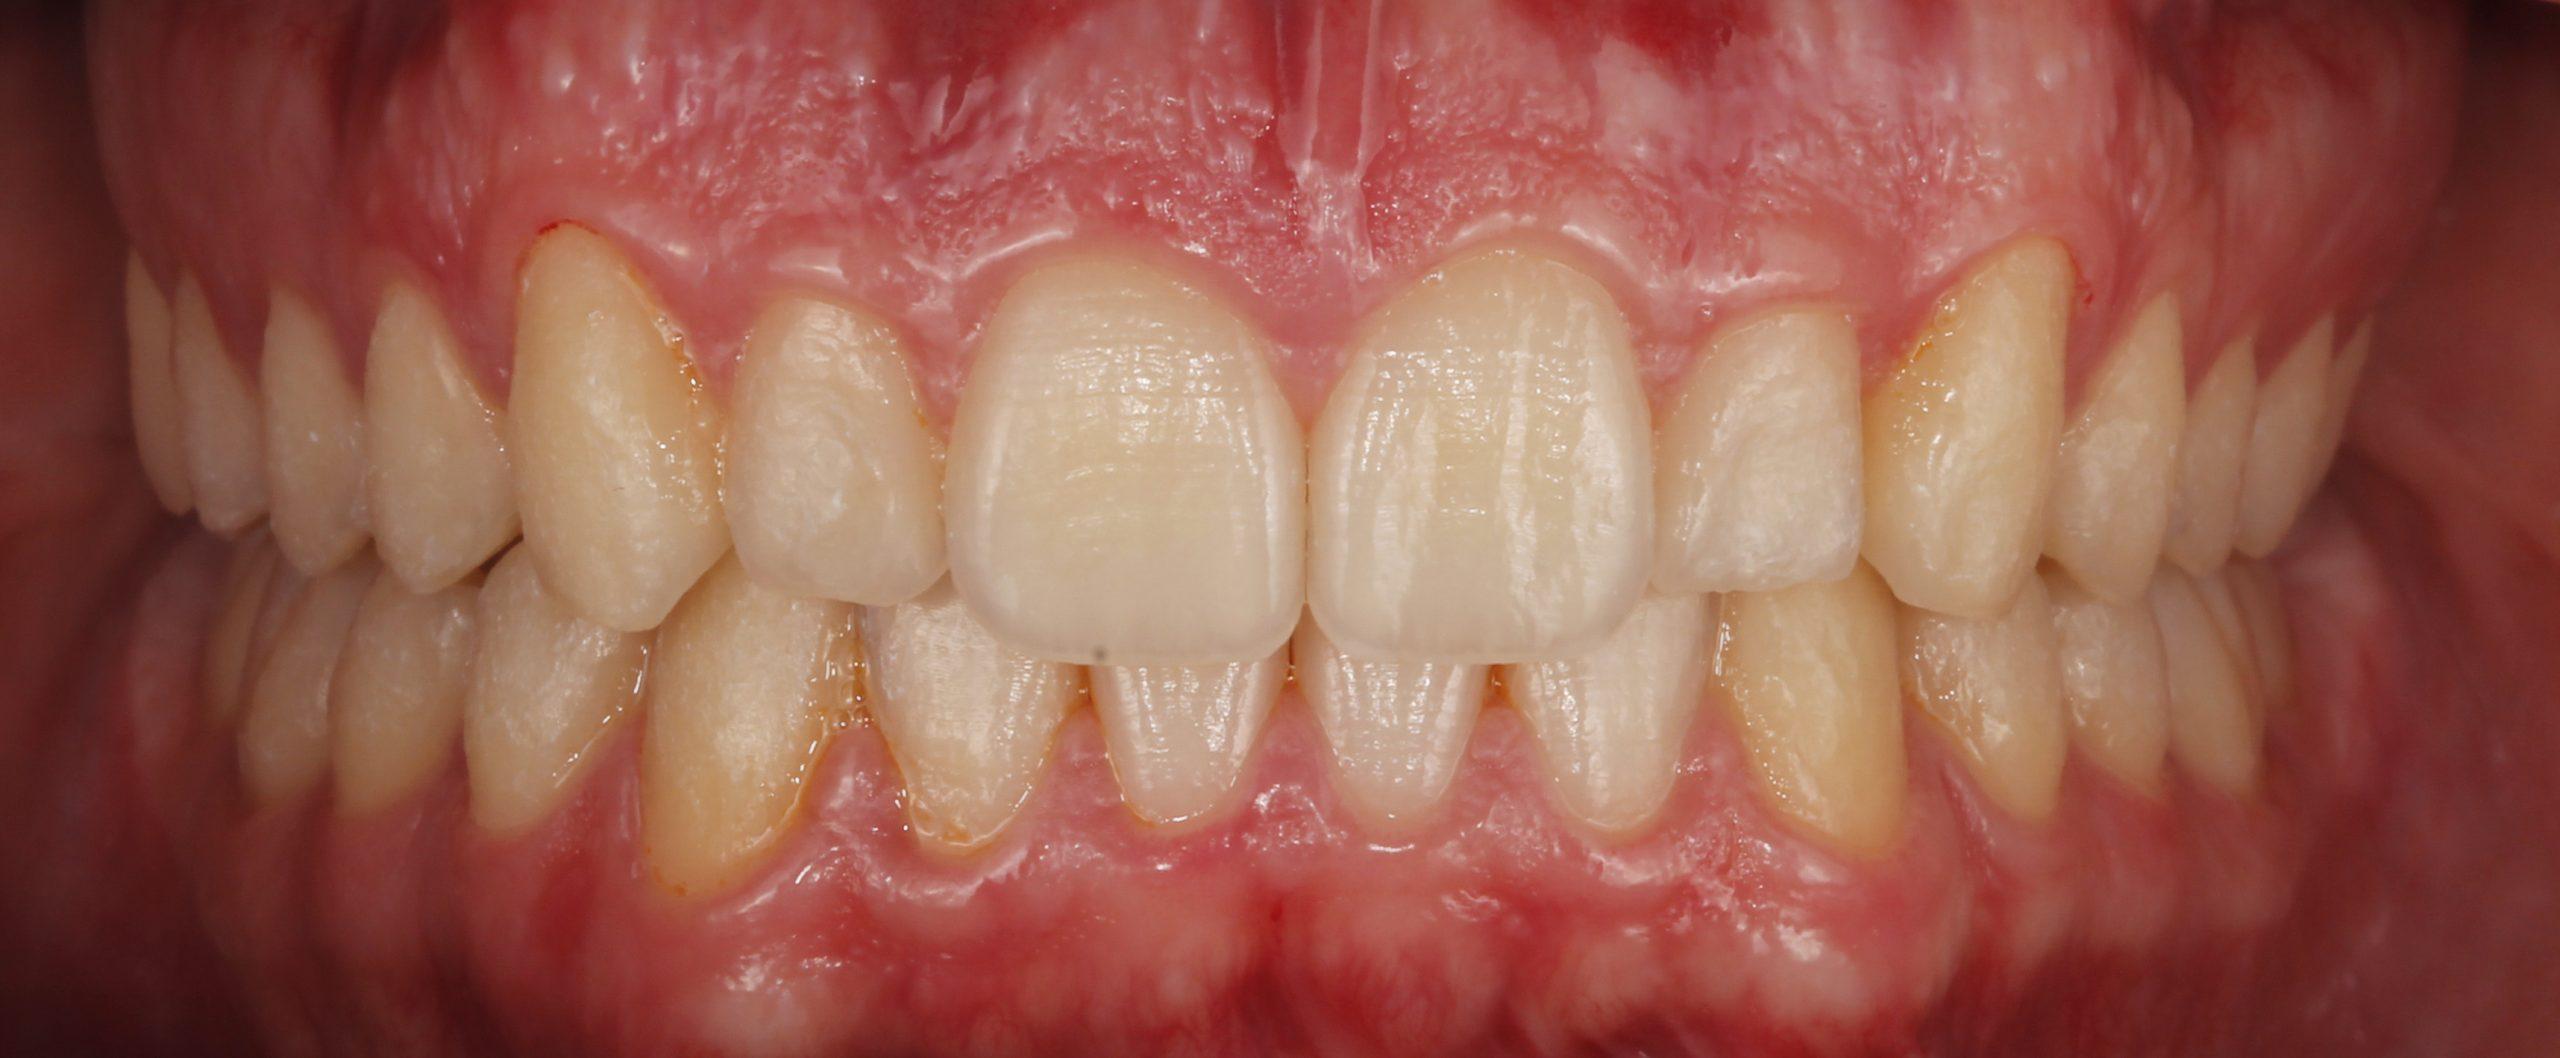 Solucionamos apiñamientos con ortodoncia invisible